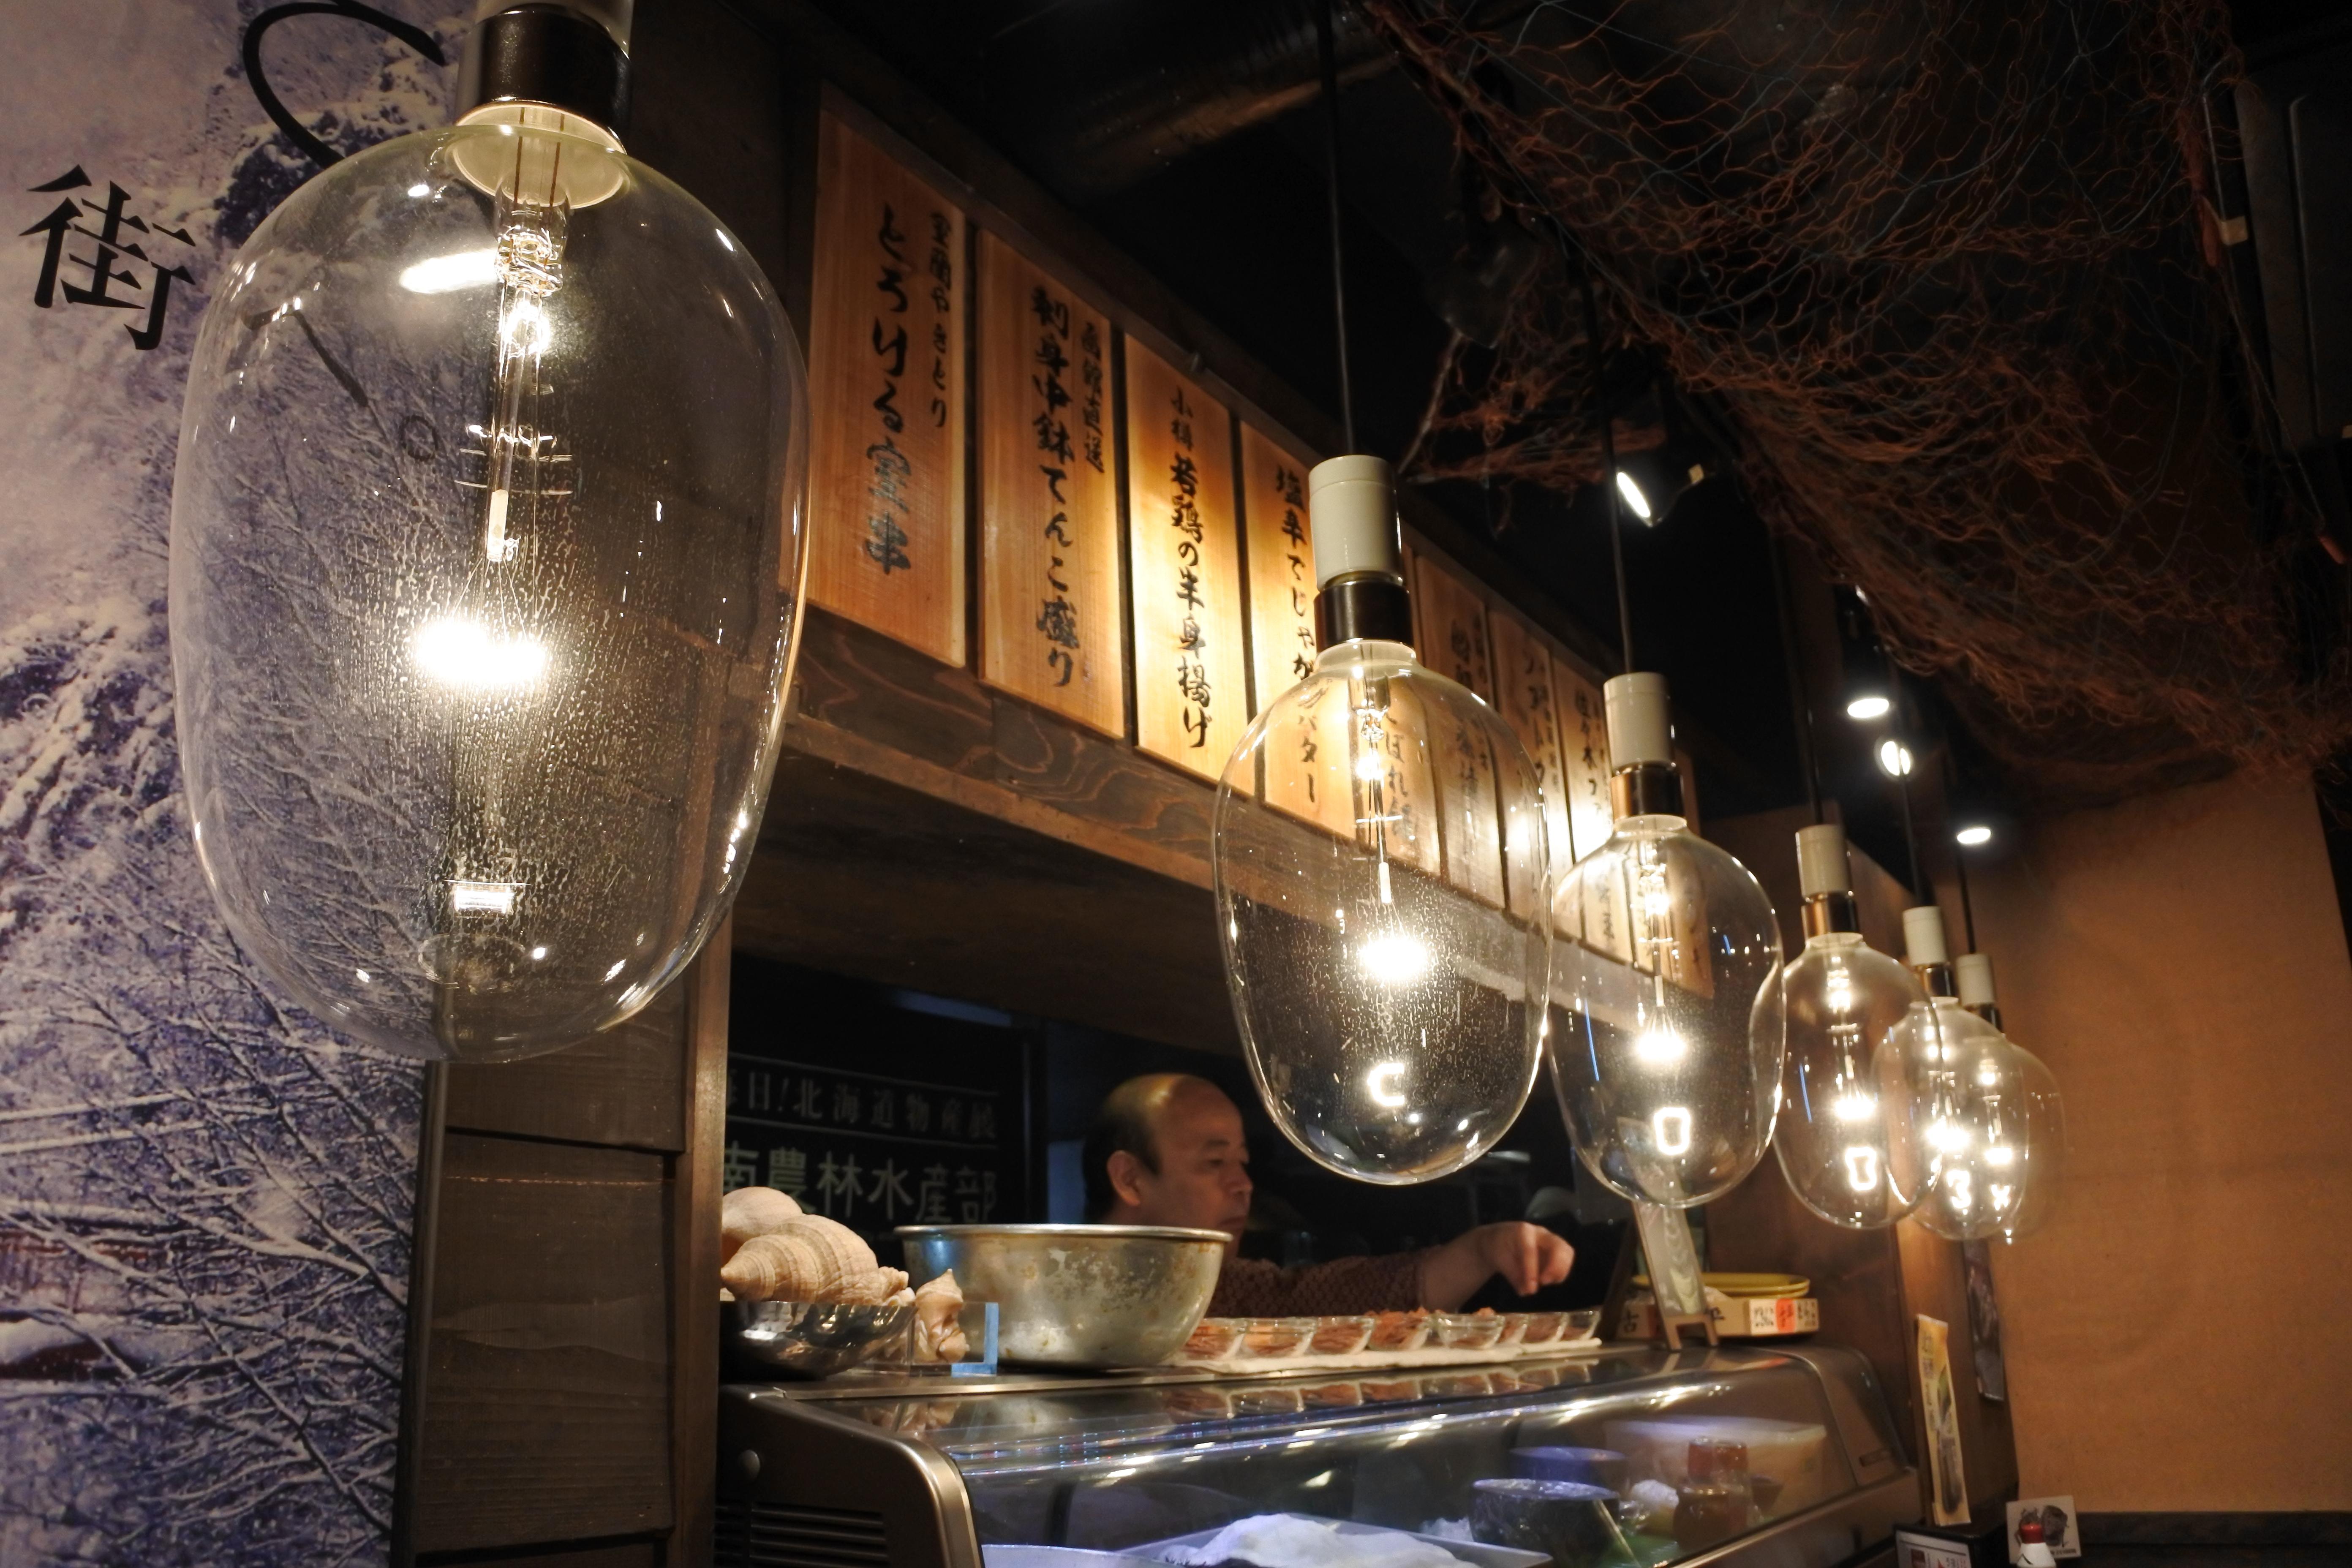 いくらこぼれ飯で大盛況!名古屋にいながら北海道を堪能できる「道南農林水産部」 - DSC 0035